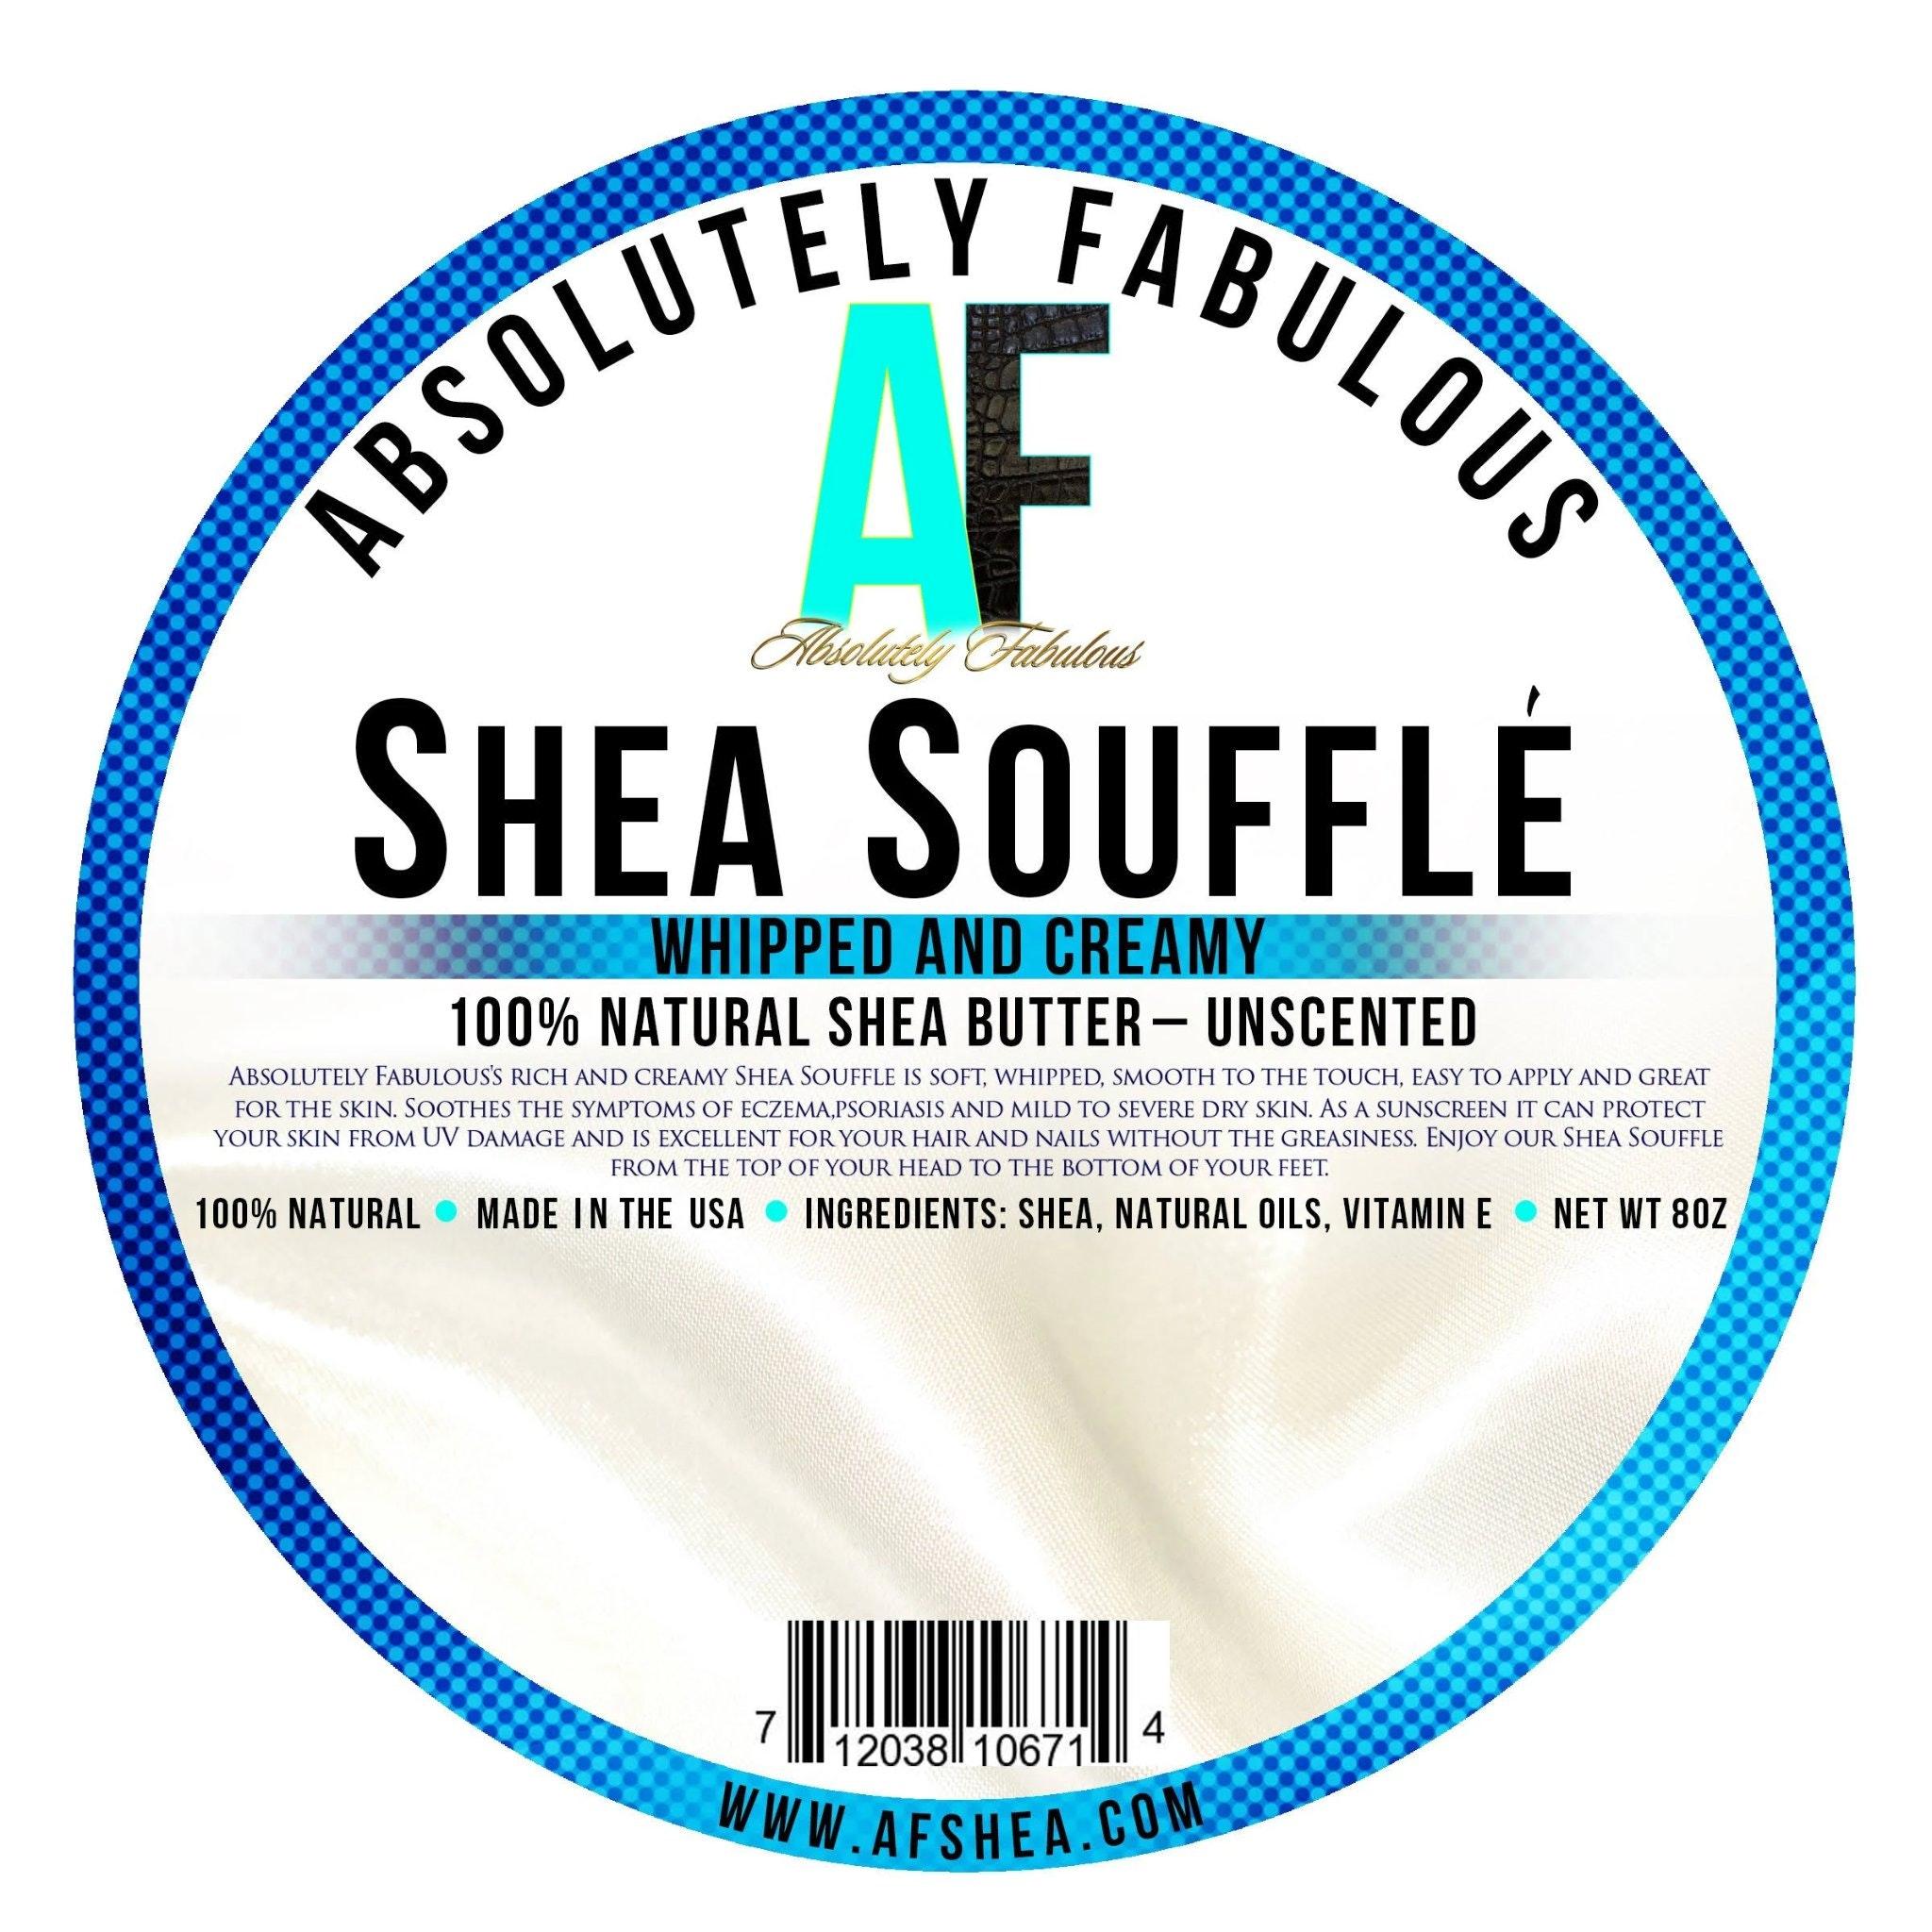 Shea Souffl'e